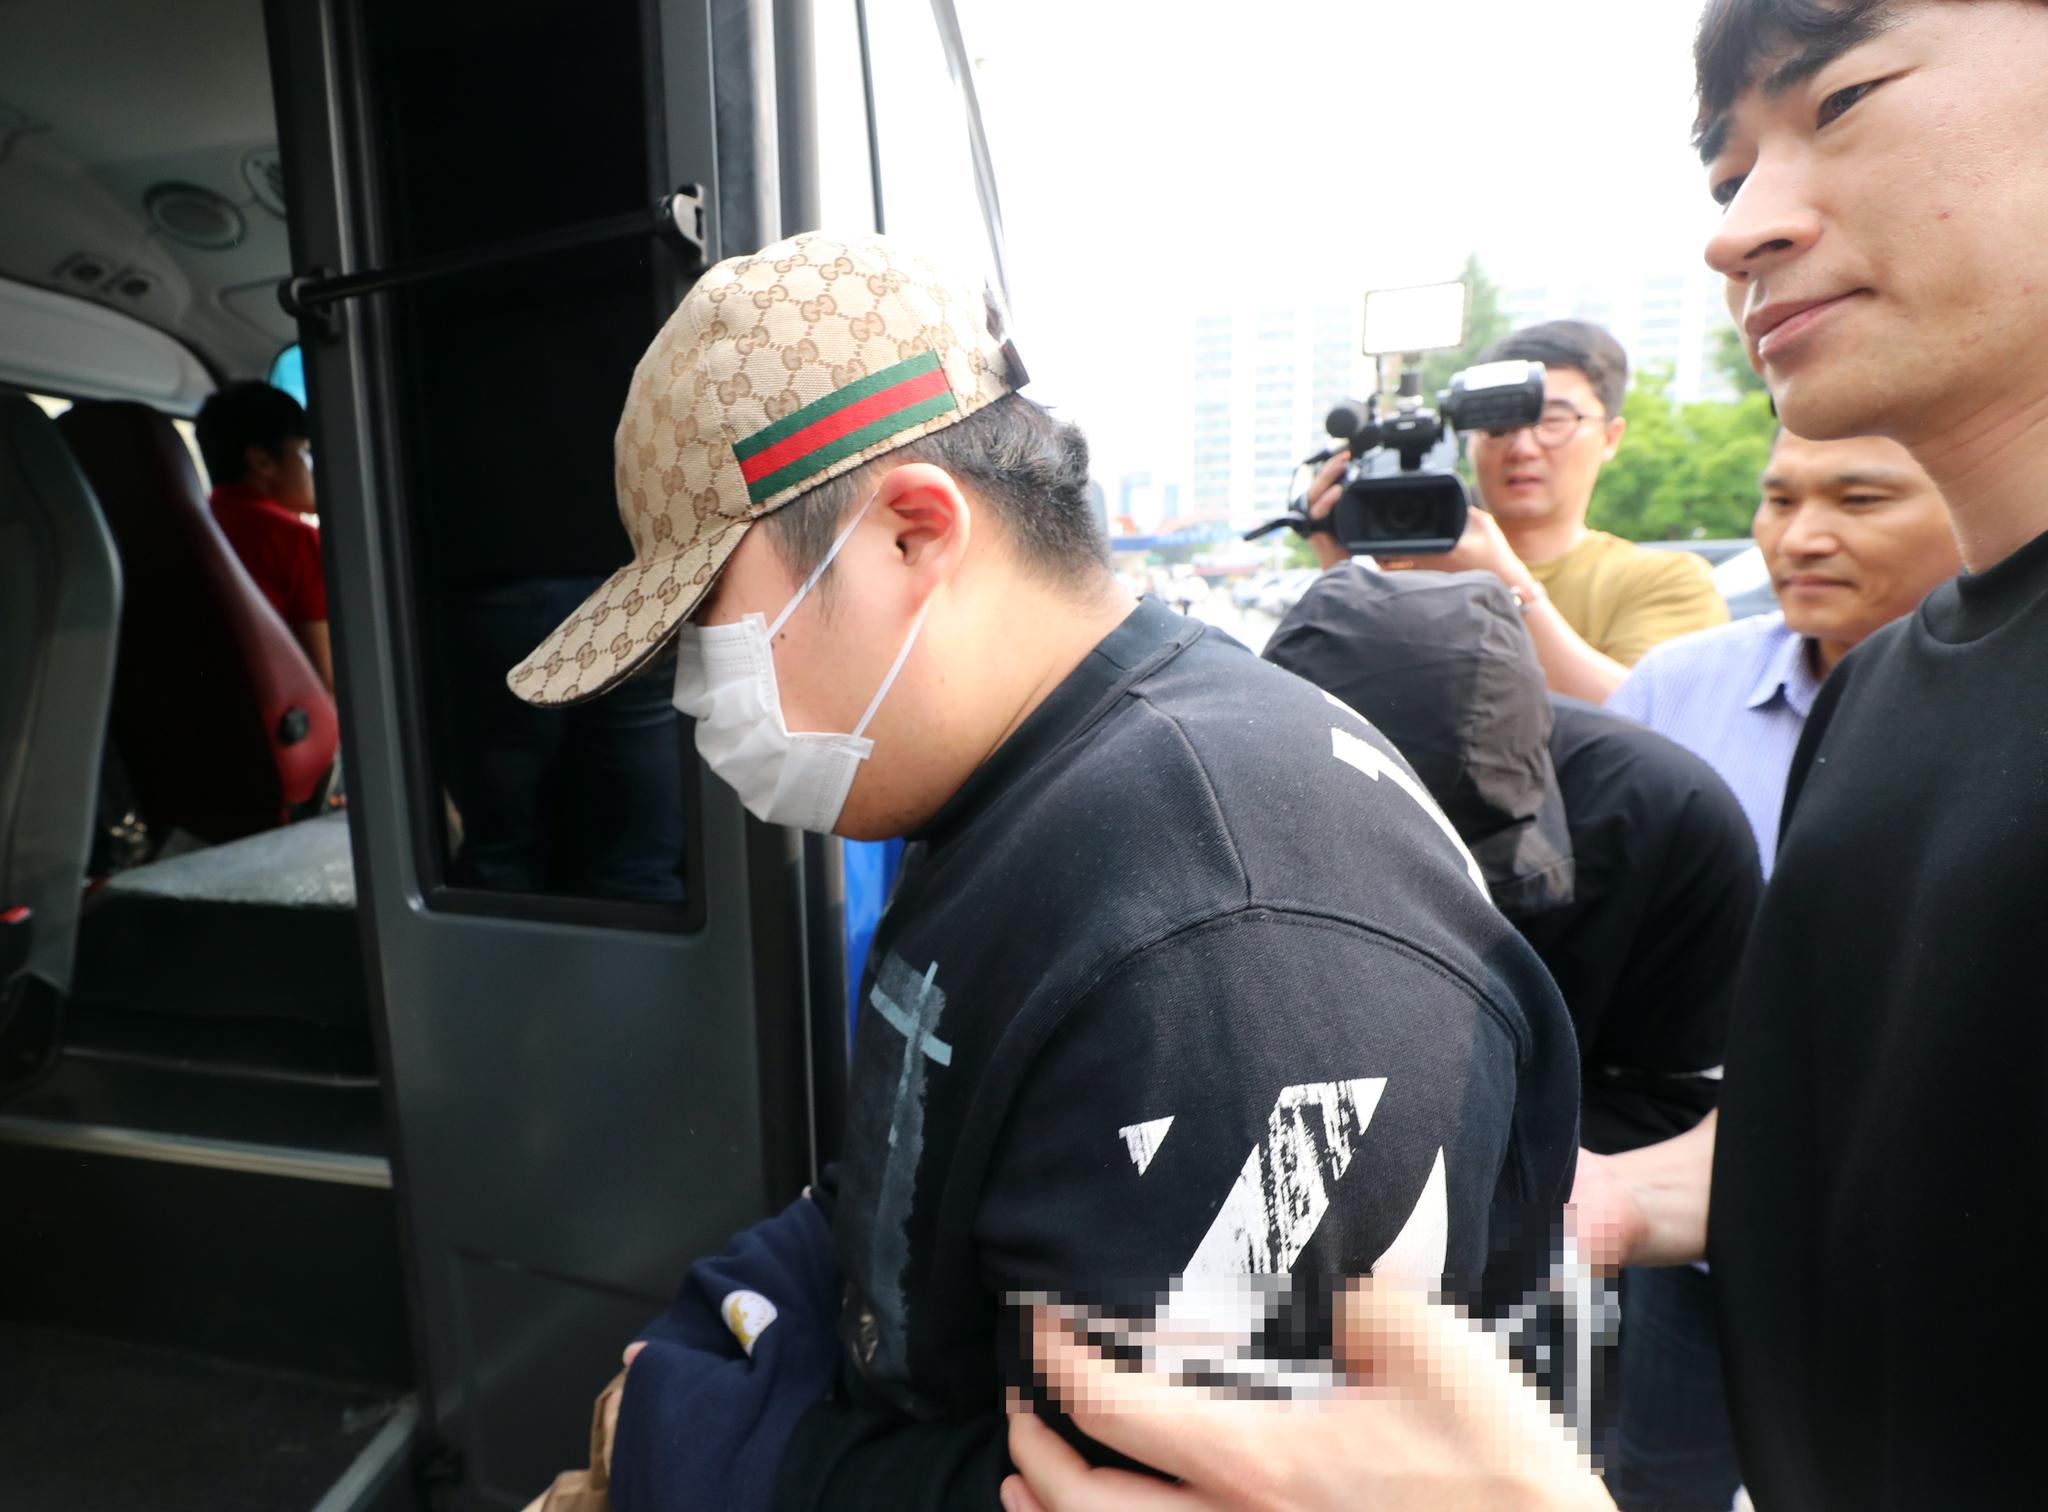 19일 오전 광주 북부경찰서에서 친구를 때려 숨지게 한 10대 4명 사건이 검찰로 송치됨에 따라 구치감으로 압송되고 있다. [연합뉴스]